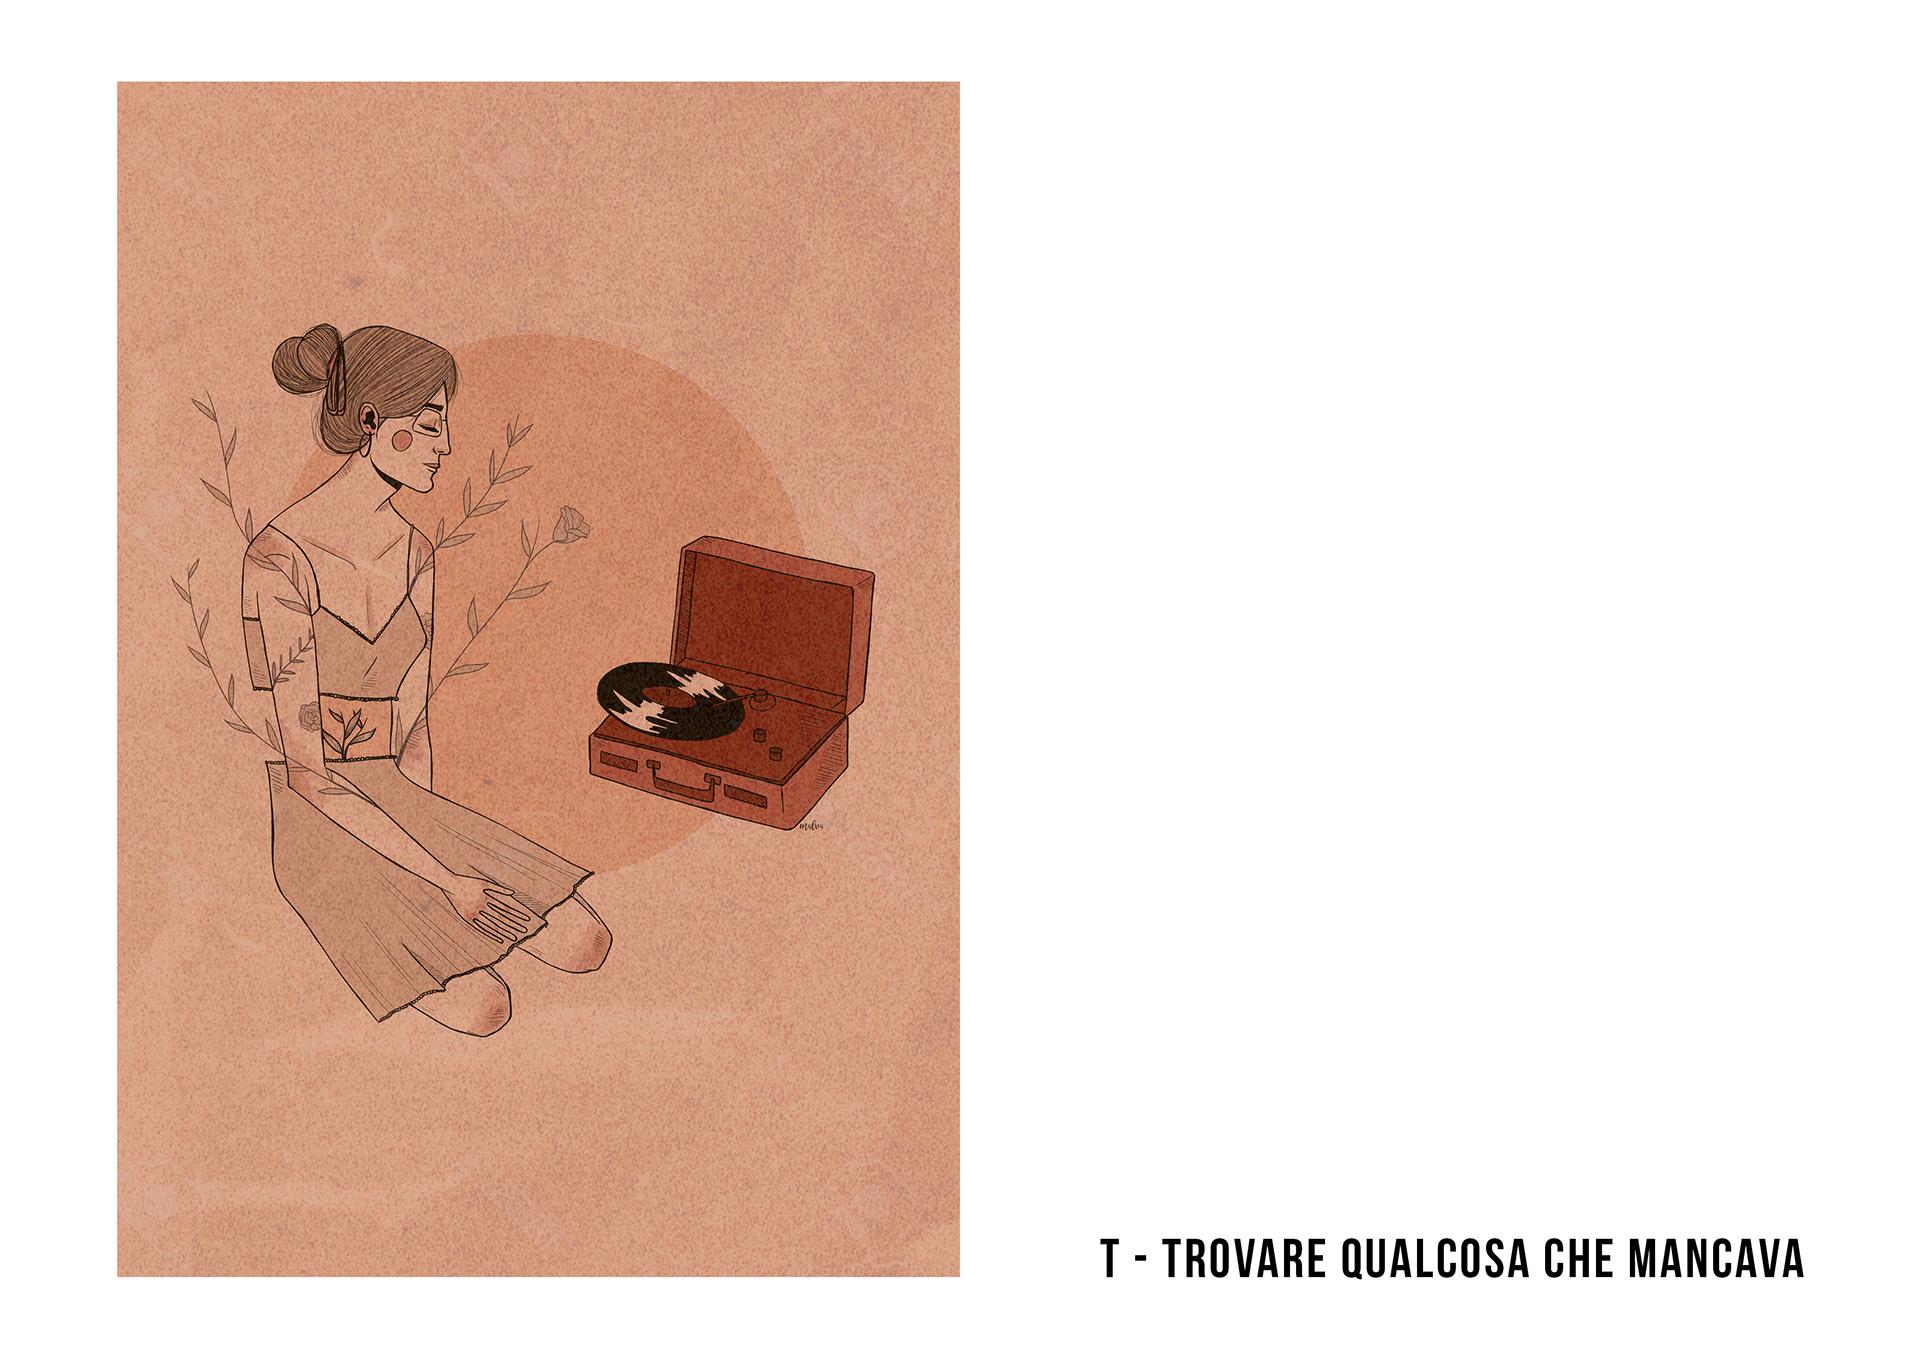 abbecedario illustrato viaggi solitaria francone 18